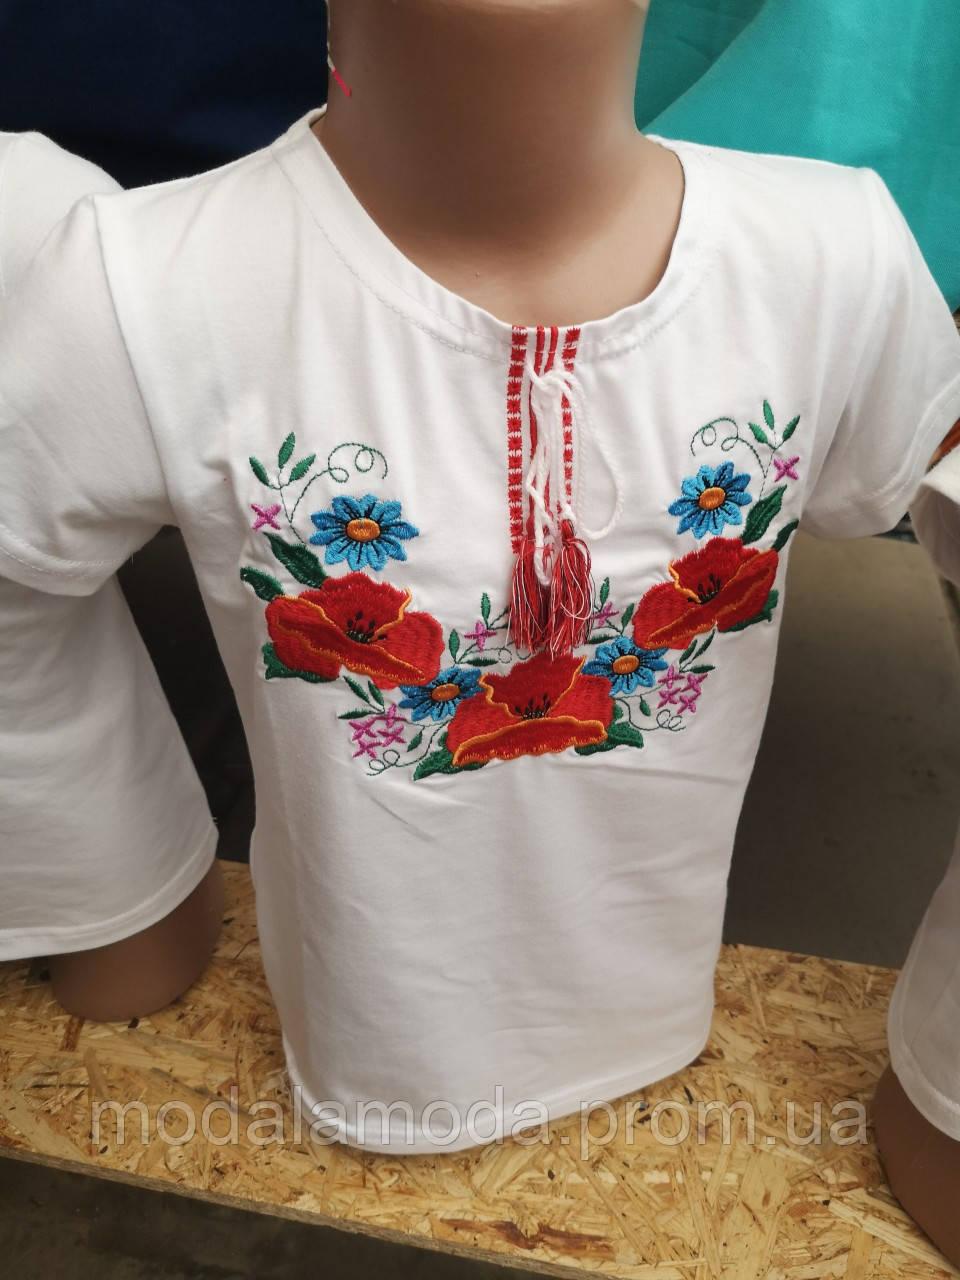 Вышиванка нарядная для девочки белая с нежным орнаментом полевых цветов